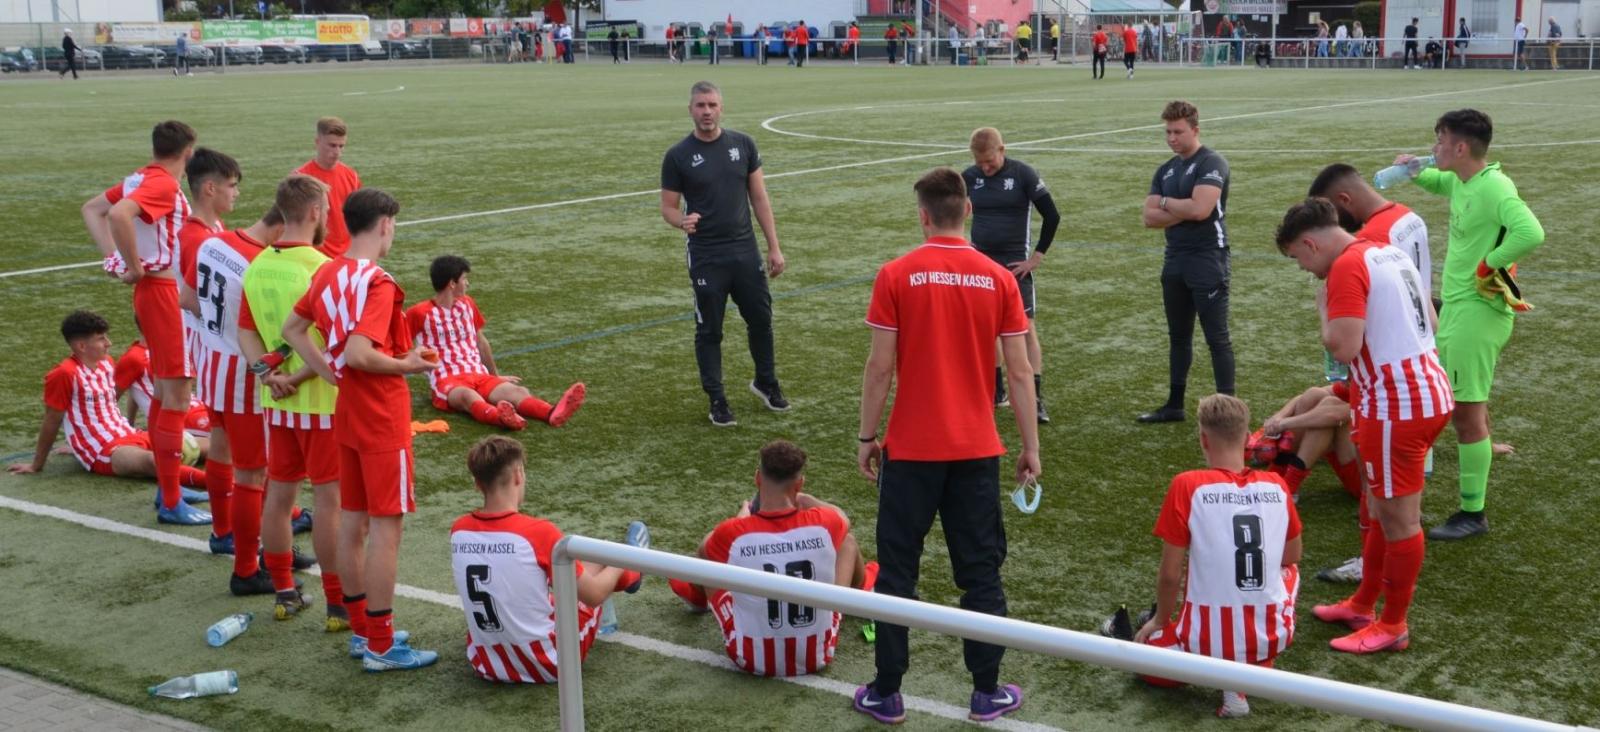 SV Rot-Weiß Walldorf - U19